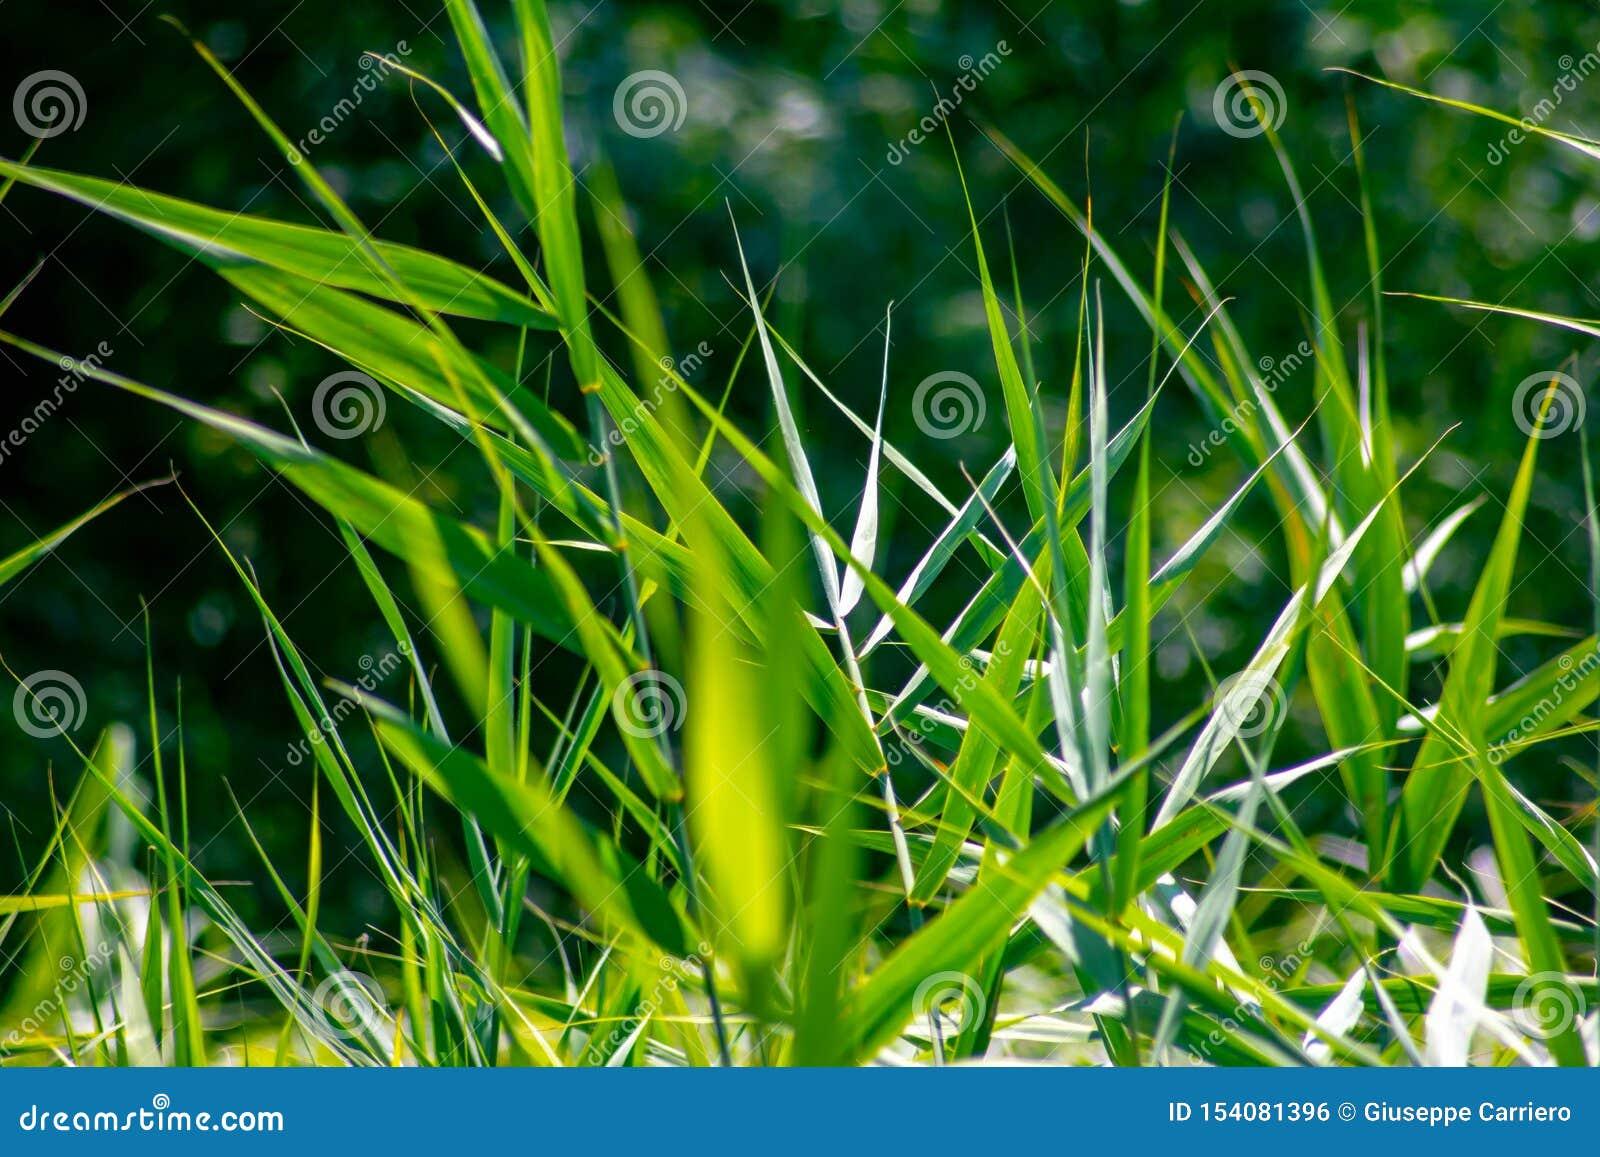 Υπόβαθρο που δημιουργείται ζωηρόχρωμο από τις λεπτομέρειες βλάστησης των εγκαταστάσεων το κυρίαρχο πράσινο χρώμα στη φύση λόγω τη